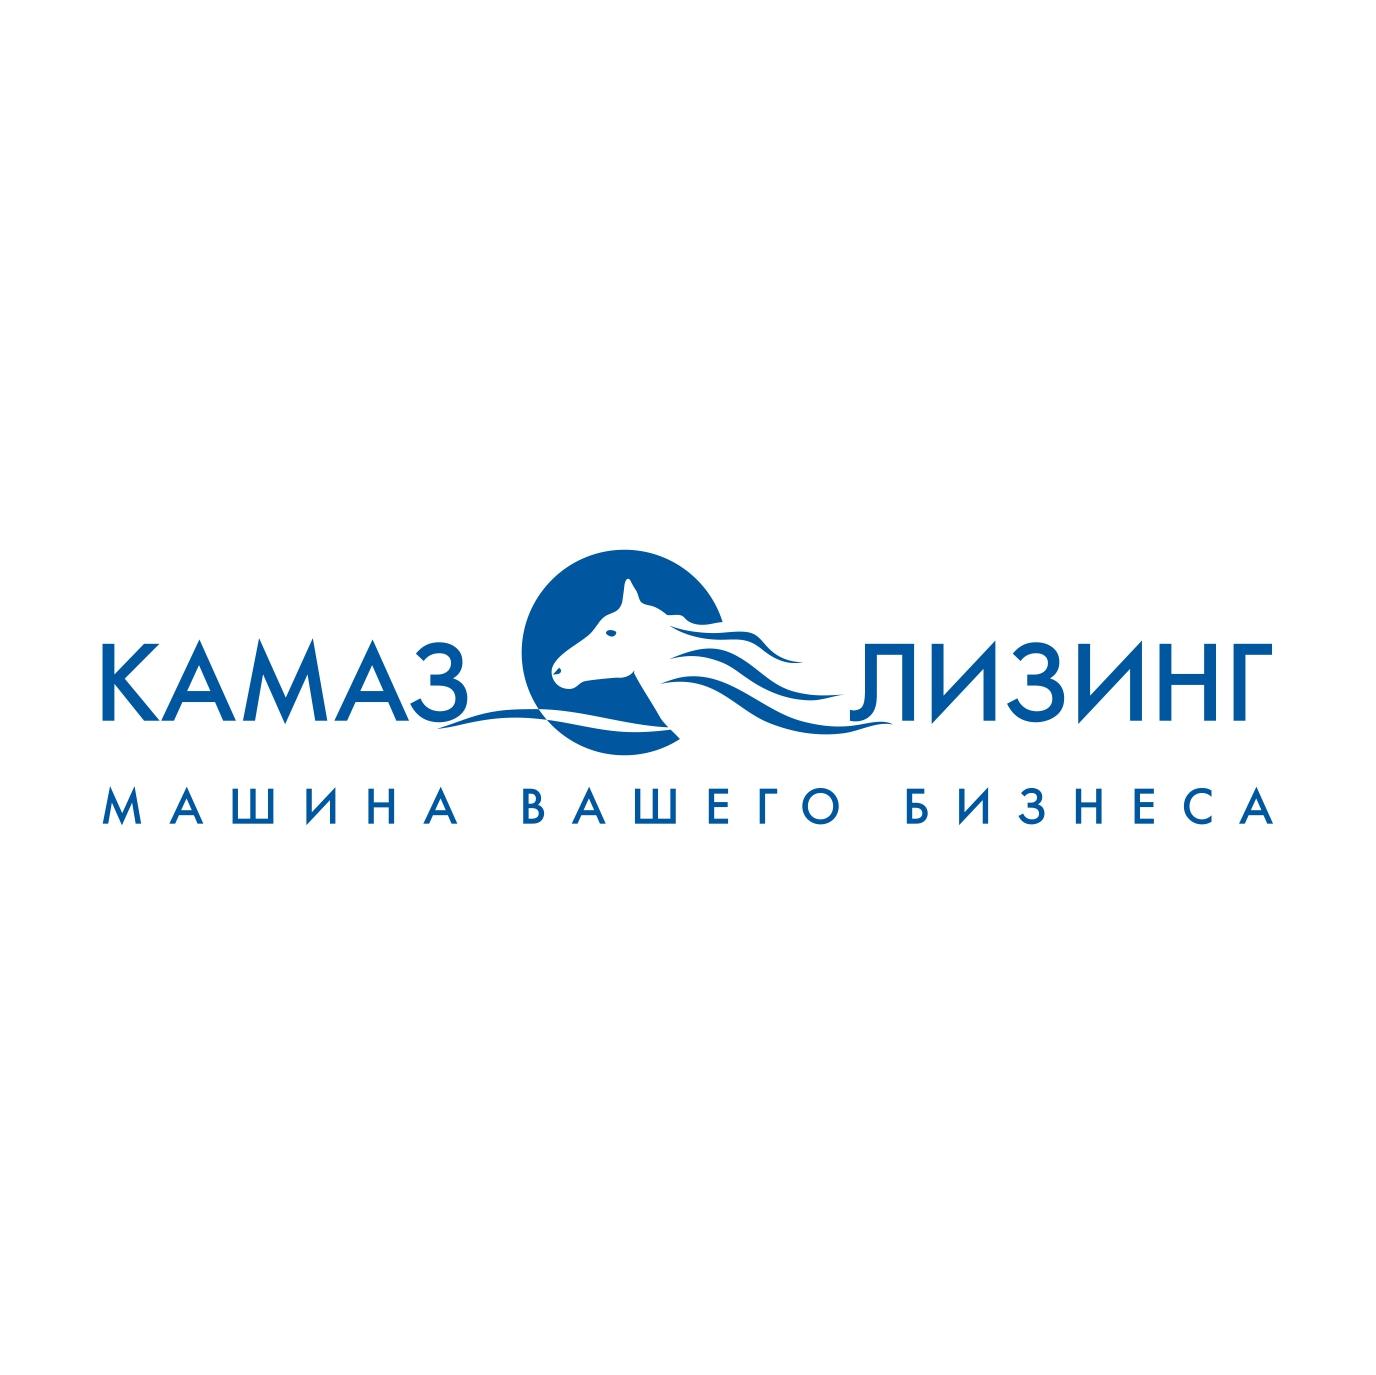 Продукт для дилеров от «КАМАЗ-ЛИЗИНГа»